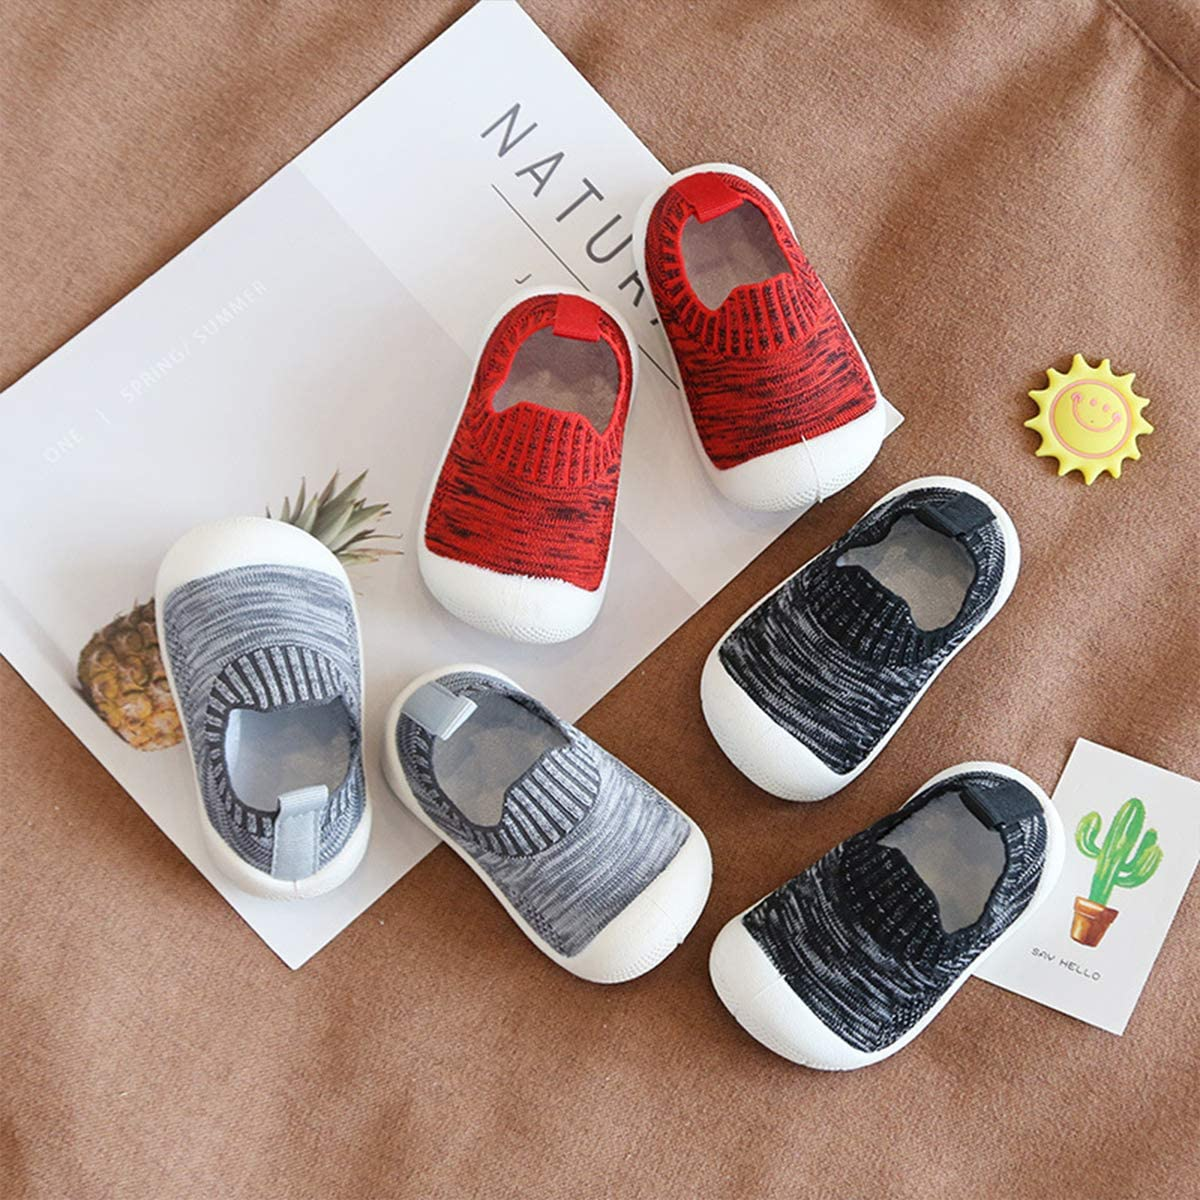 DEBAIJIA Chaussures pour Tout-Petits 1-4T B/éb/é Enfants Marche Baskets Respirantes Mesh Semelle Souple Antid/érapante Mat/ériau TPR l/éger